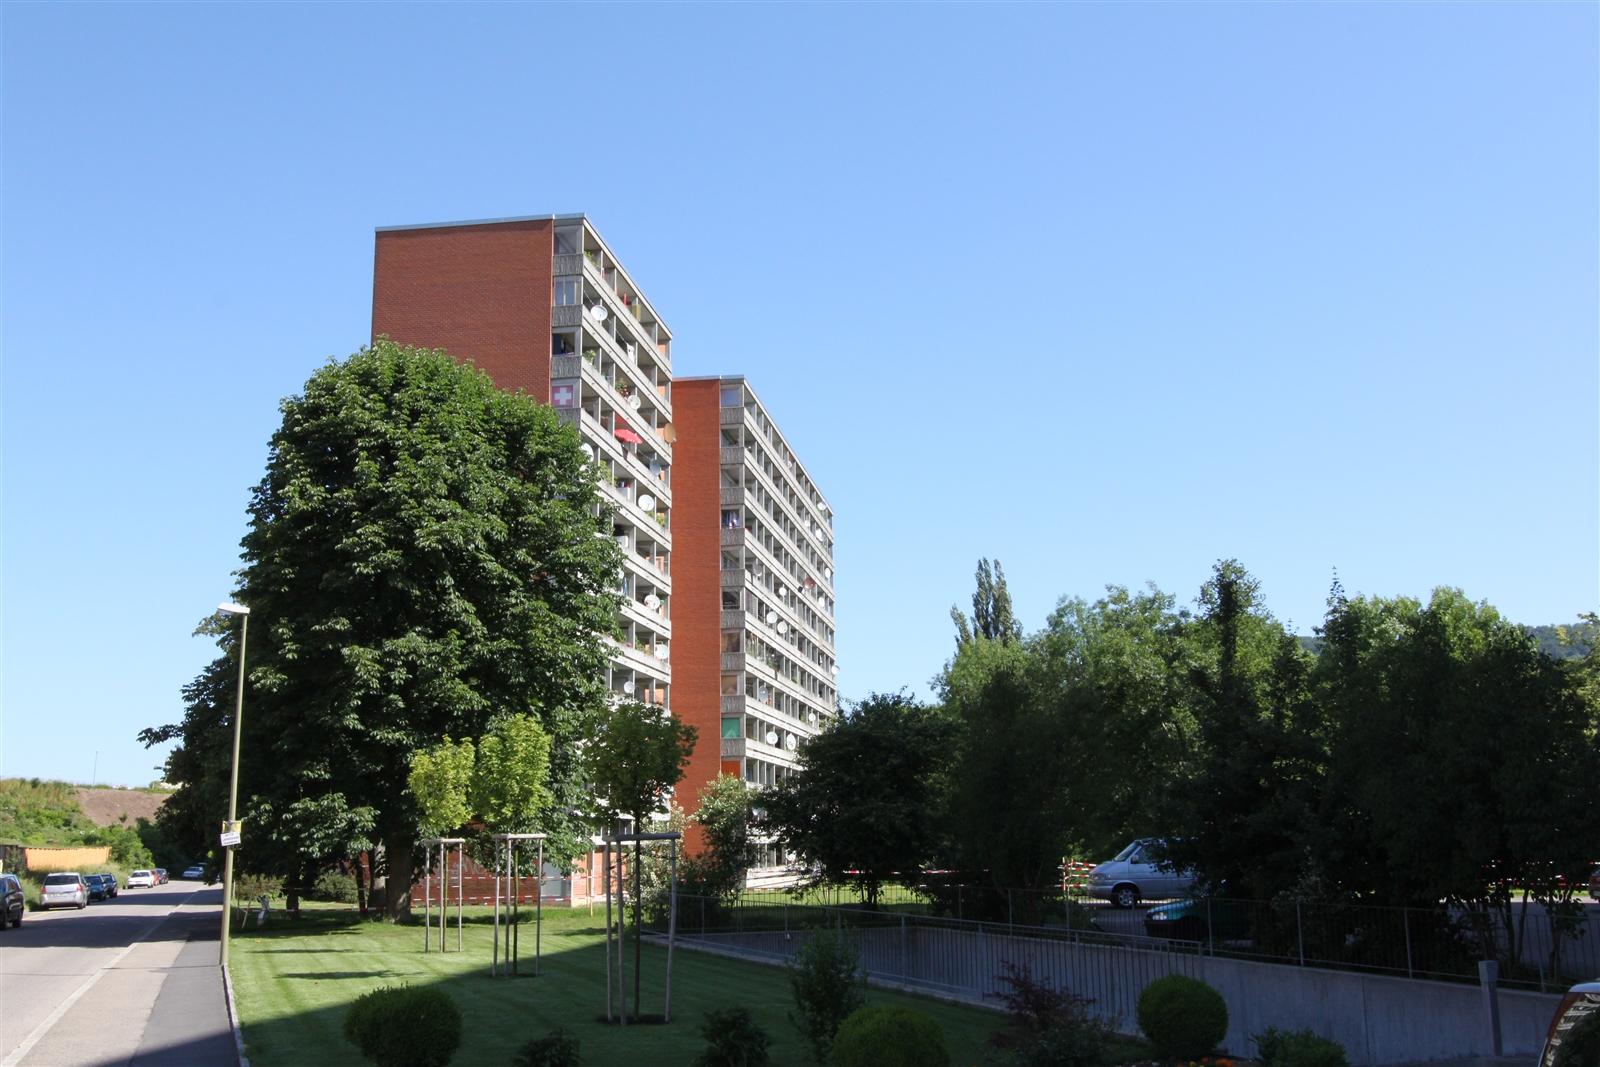 01 Weiermattstrasse 4 - 004